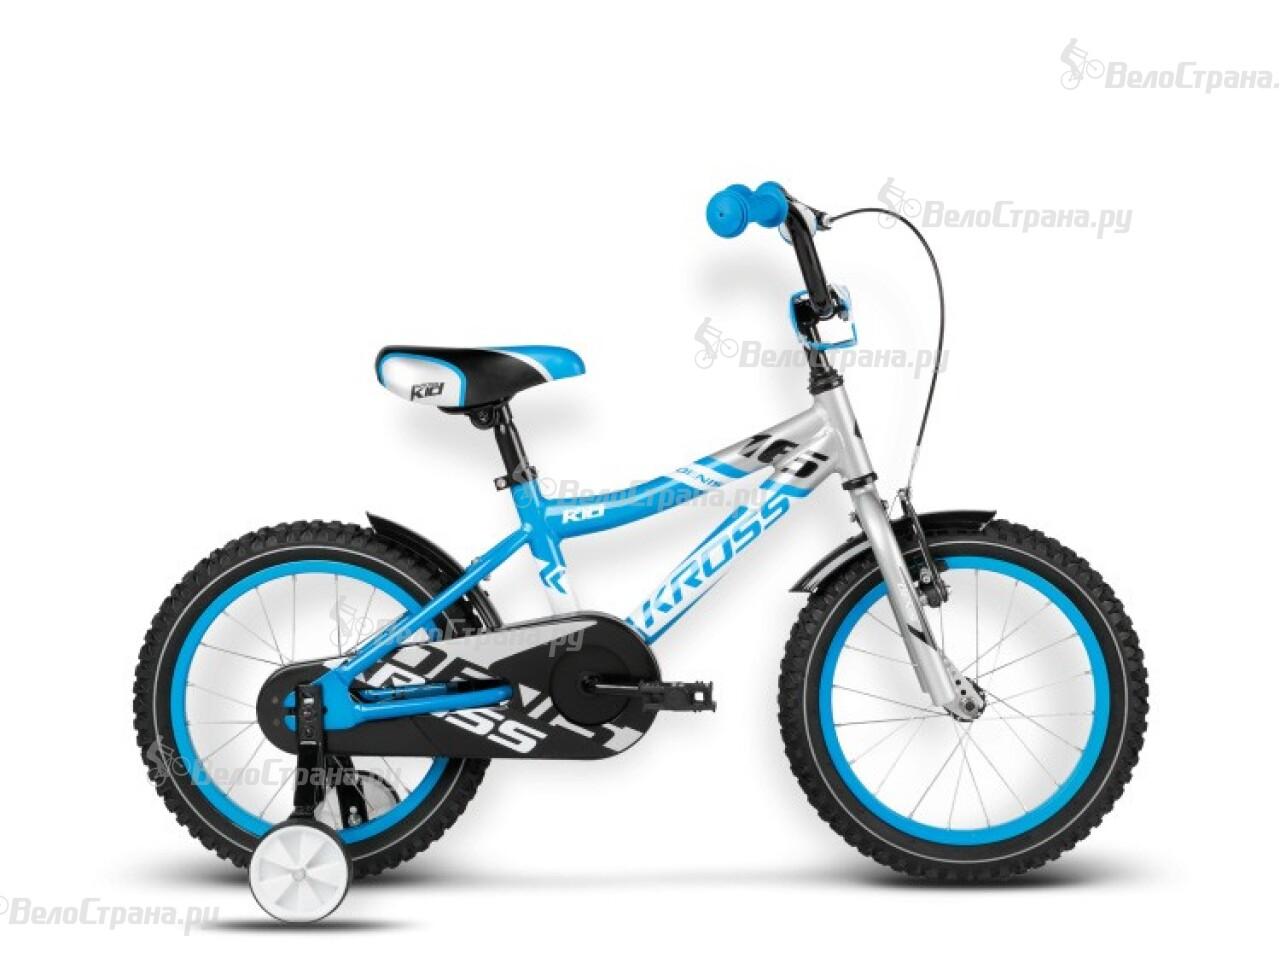 Велосипед Kross Denis (2016) носки kross prs tall размер xl черный t4cod000275xlbk